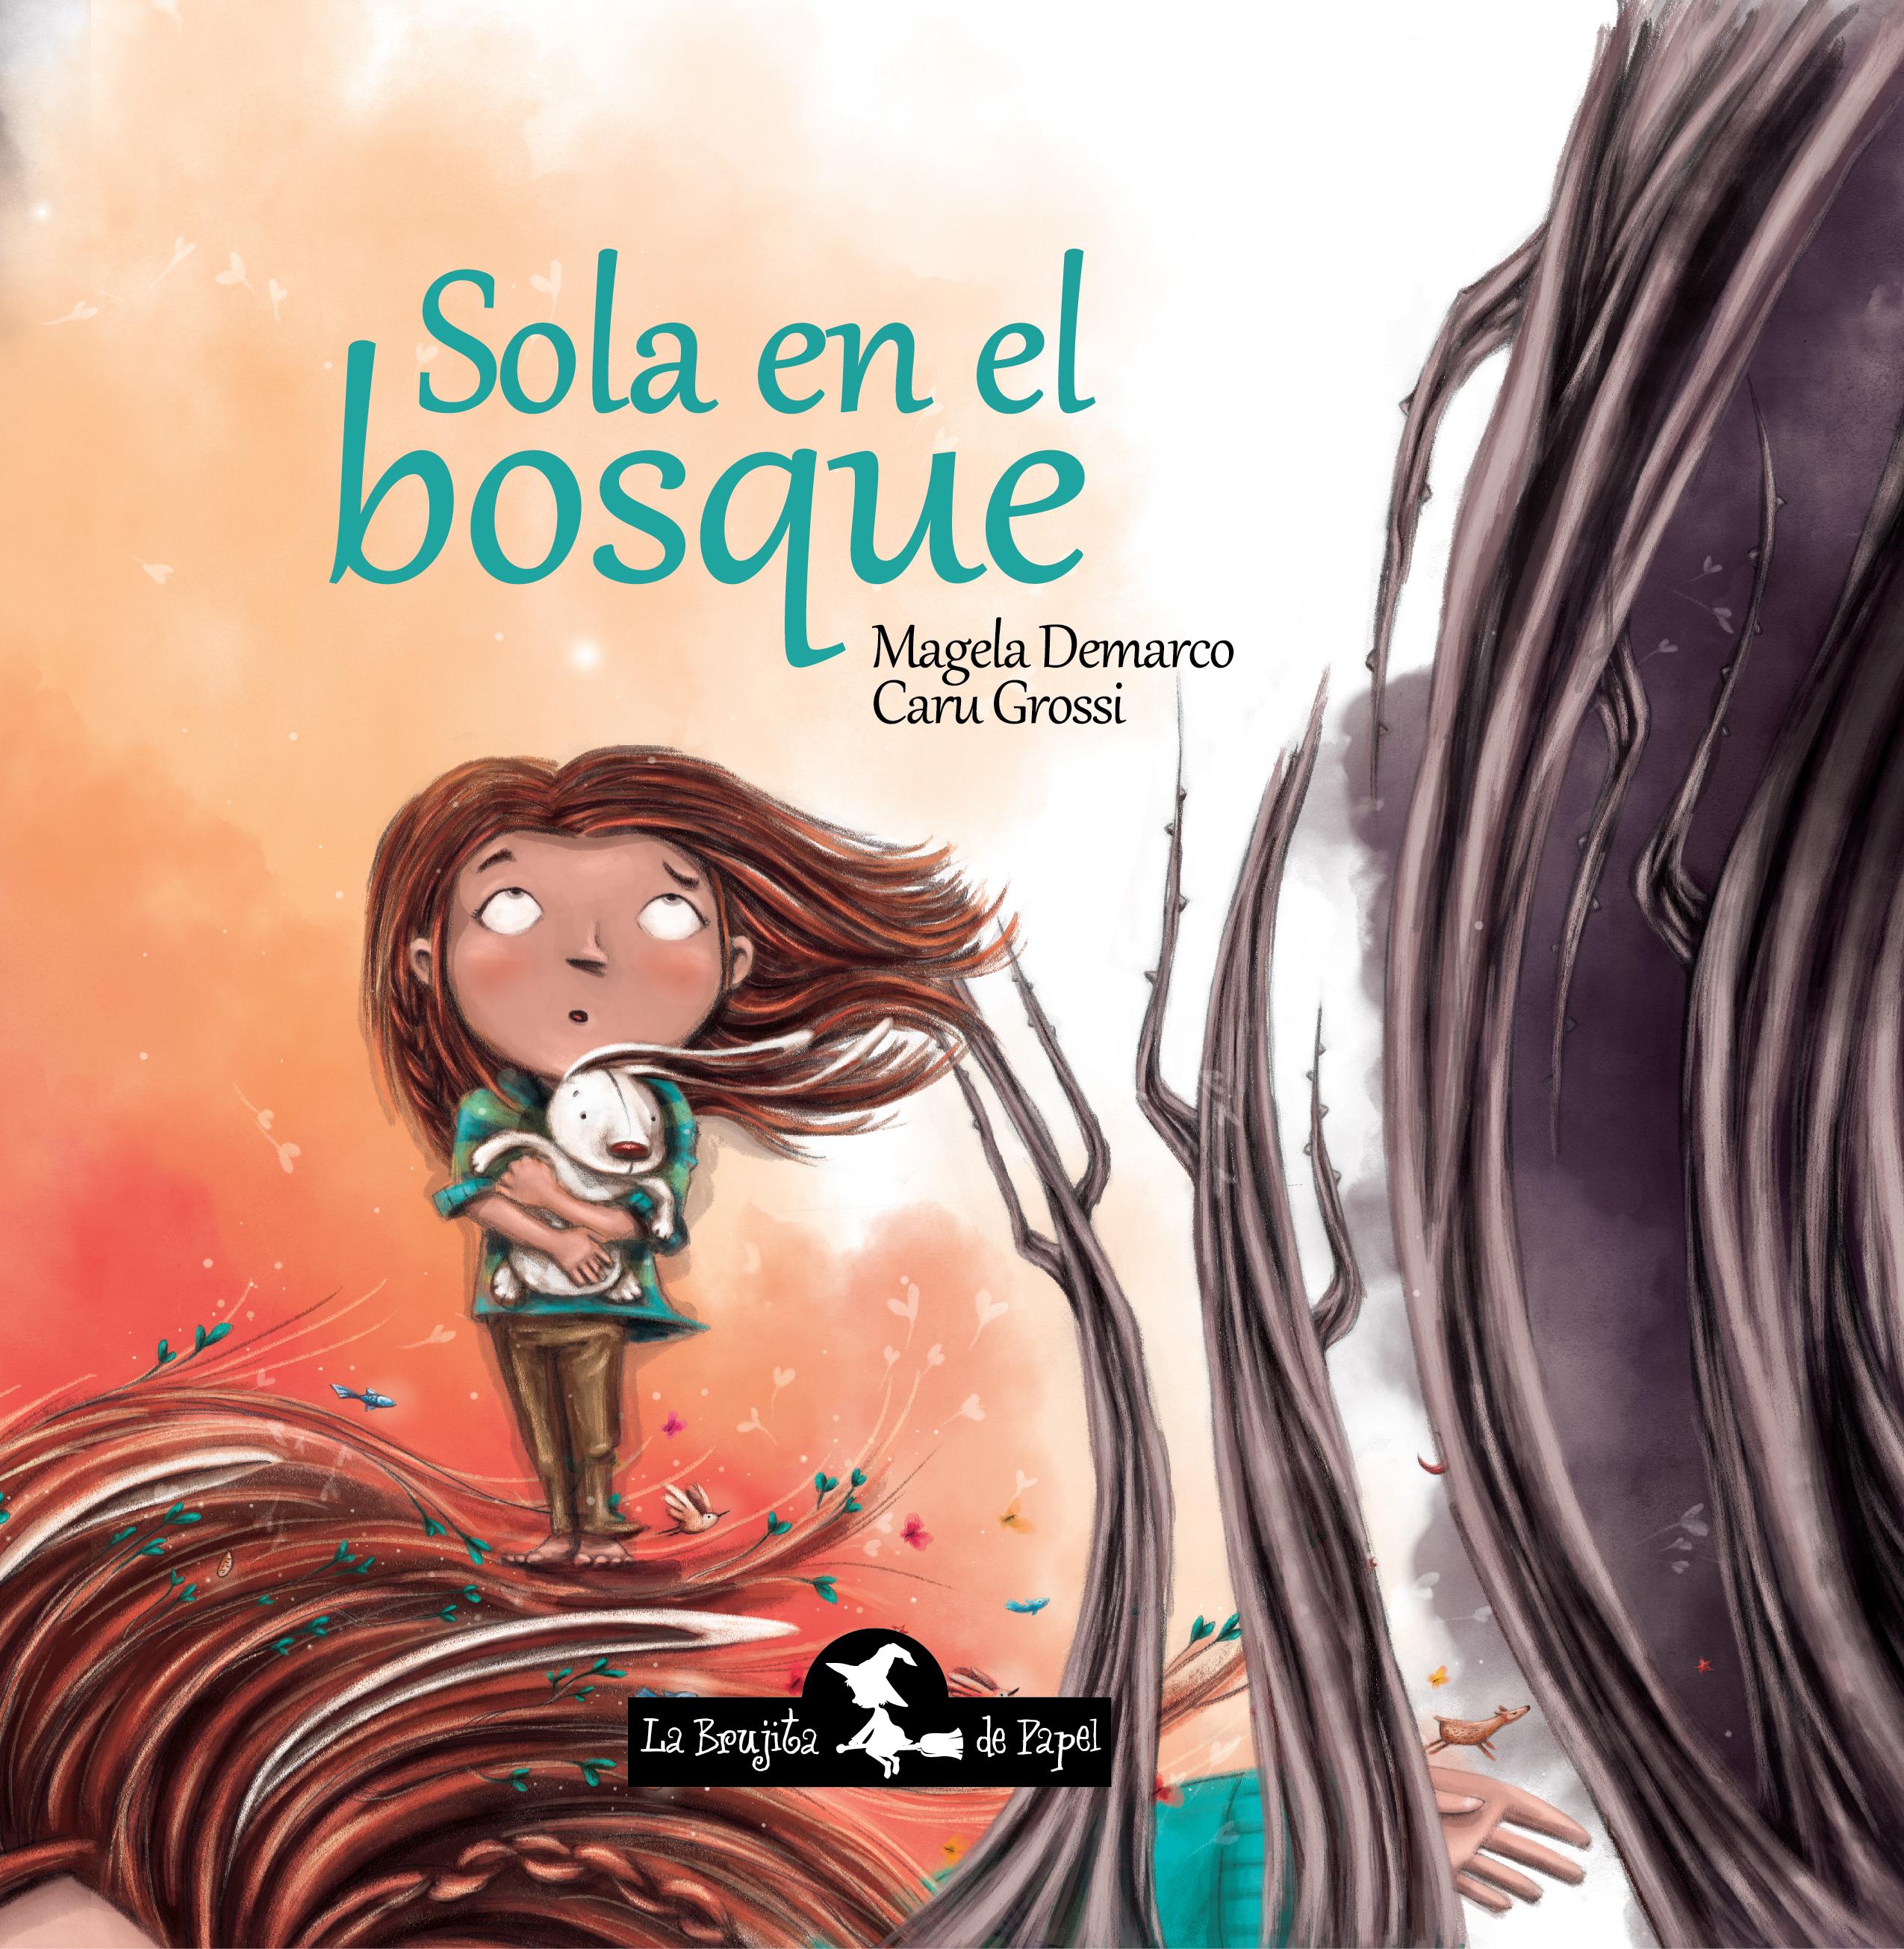 Sola en el bosque - Demarco María Magela